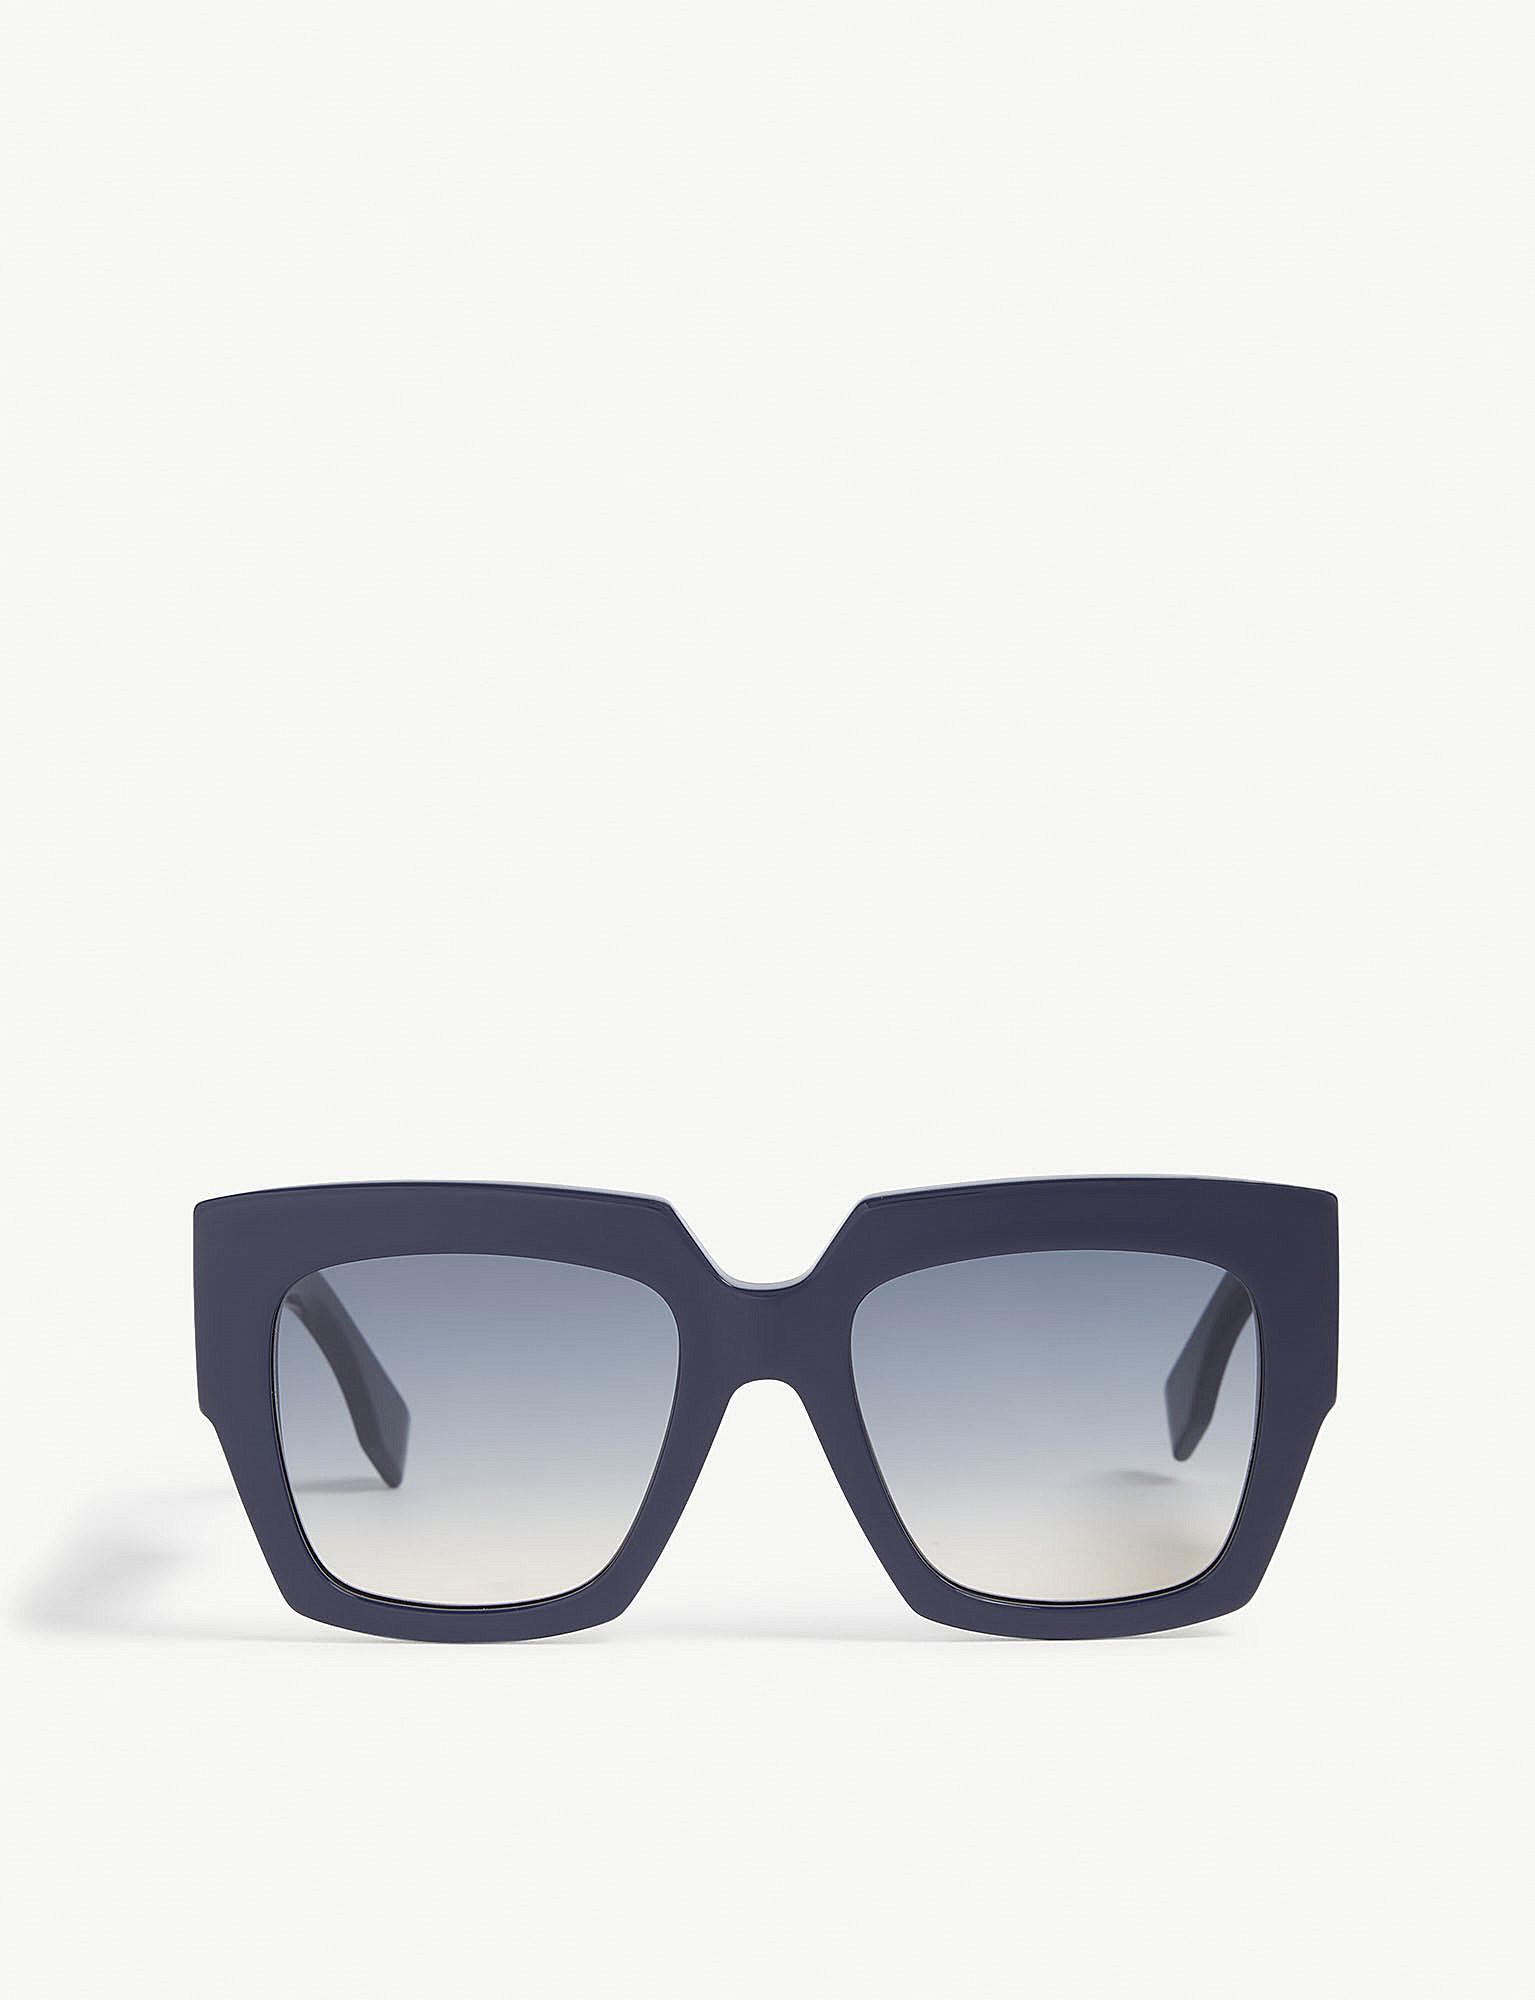 9013b4d38da5 Fendi Ff0263 Square-frame Sunglasses in Blue - Lyst